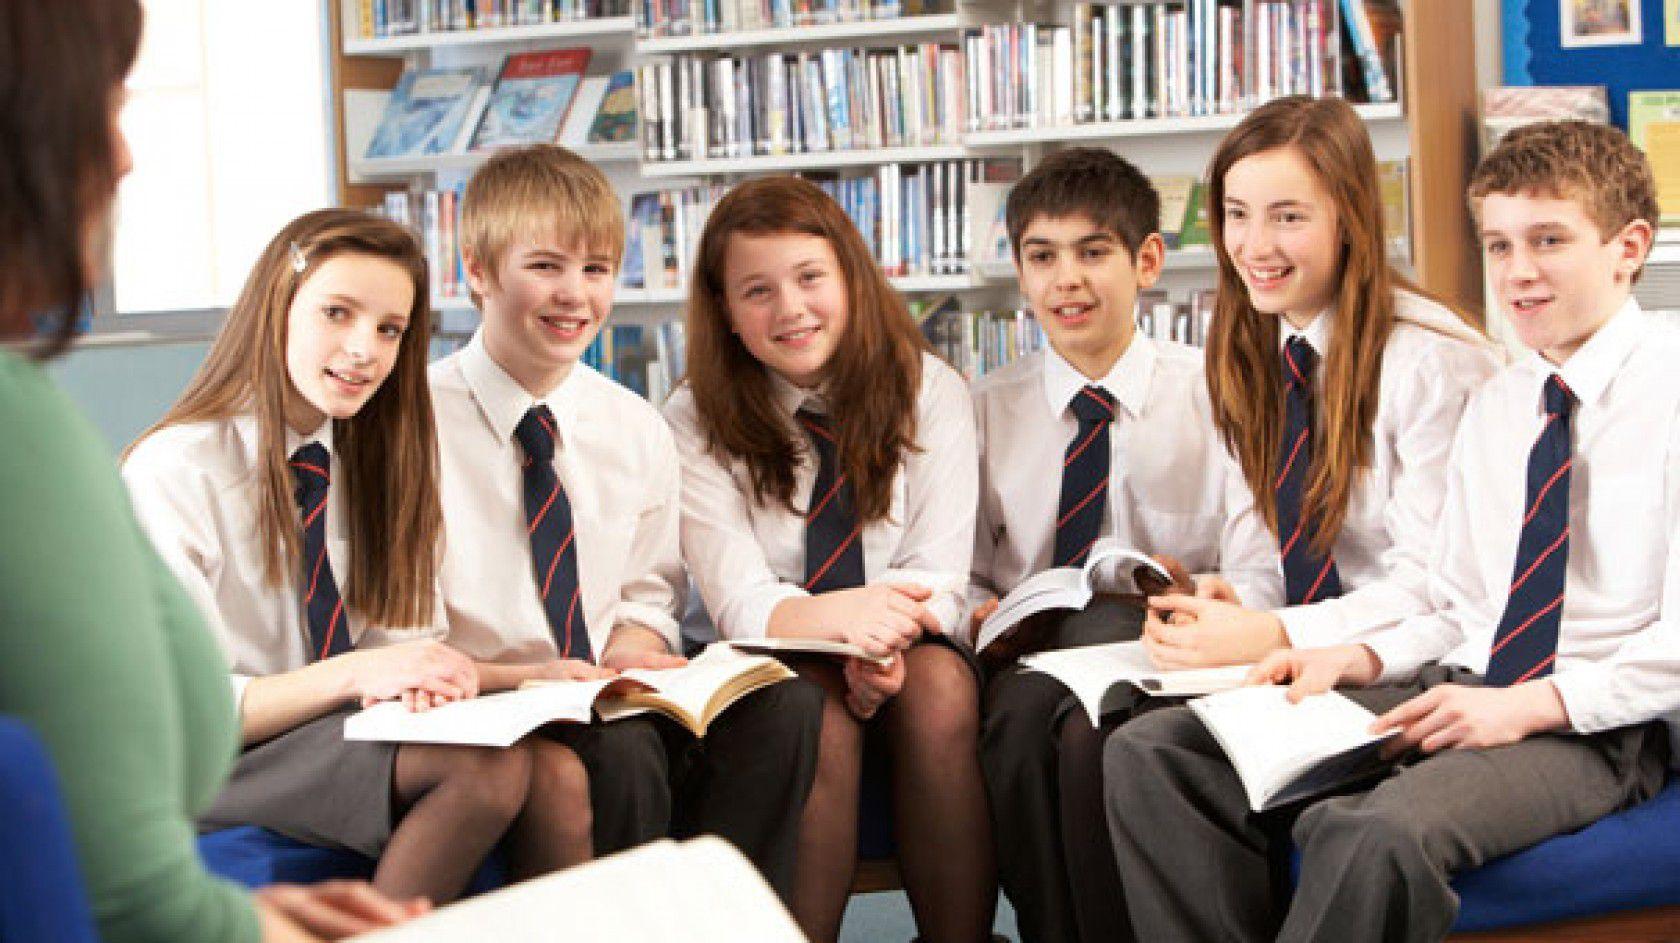 Finlandiya'da Kolej Eğitimi ve SLEP Sınavı Başvuruları Hakkında Önemli Detaylar